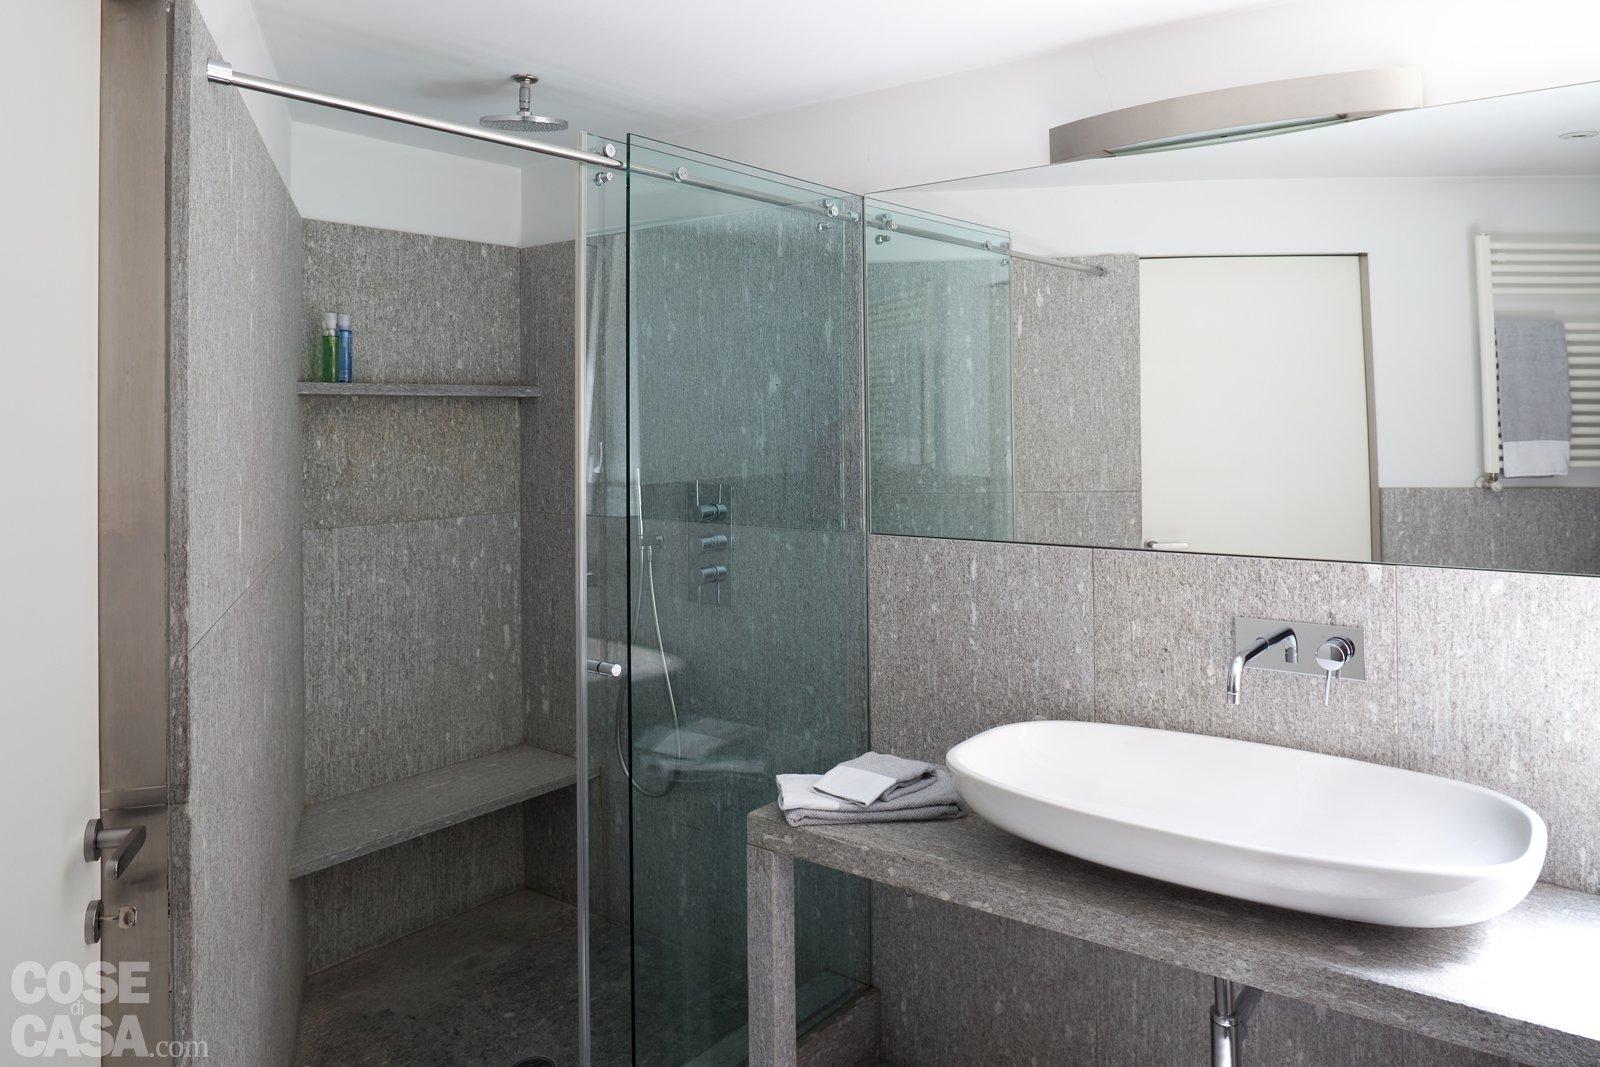 70 mq casa con veranda cose di casa for Piccoli piani cabina con soppalco e veranda